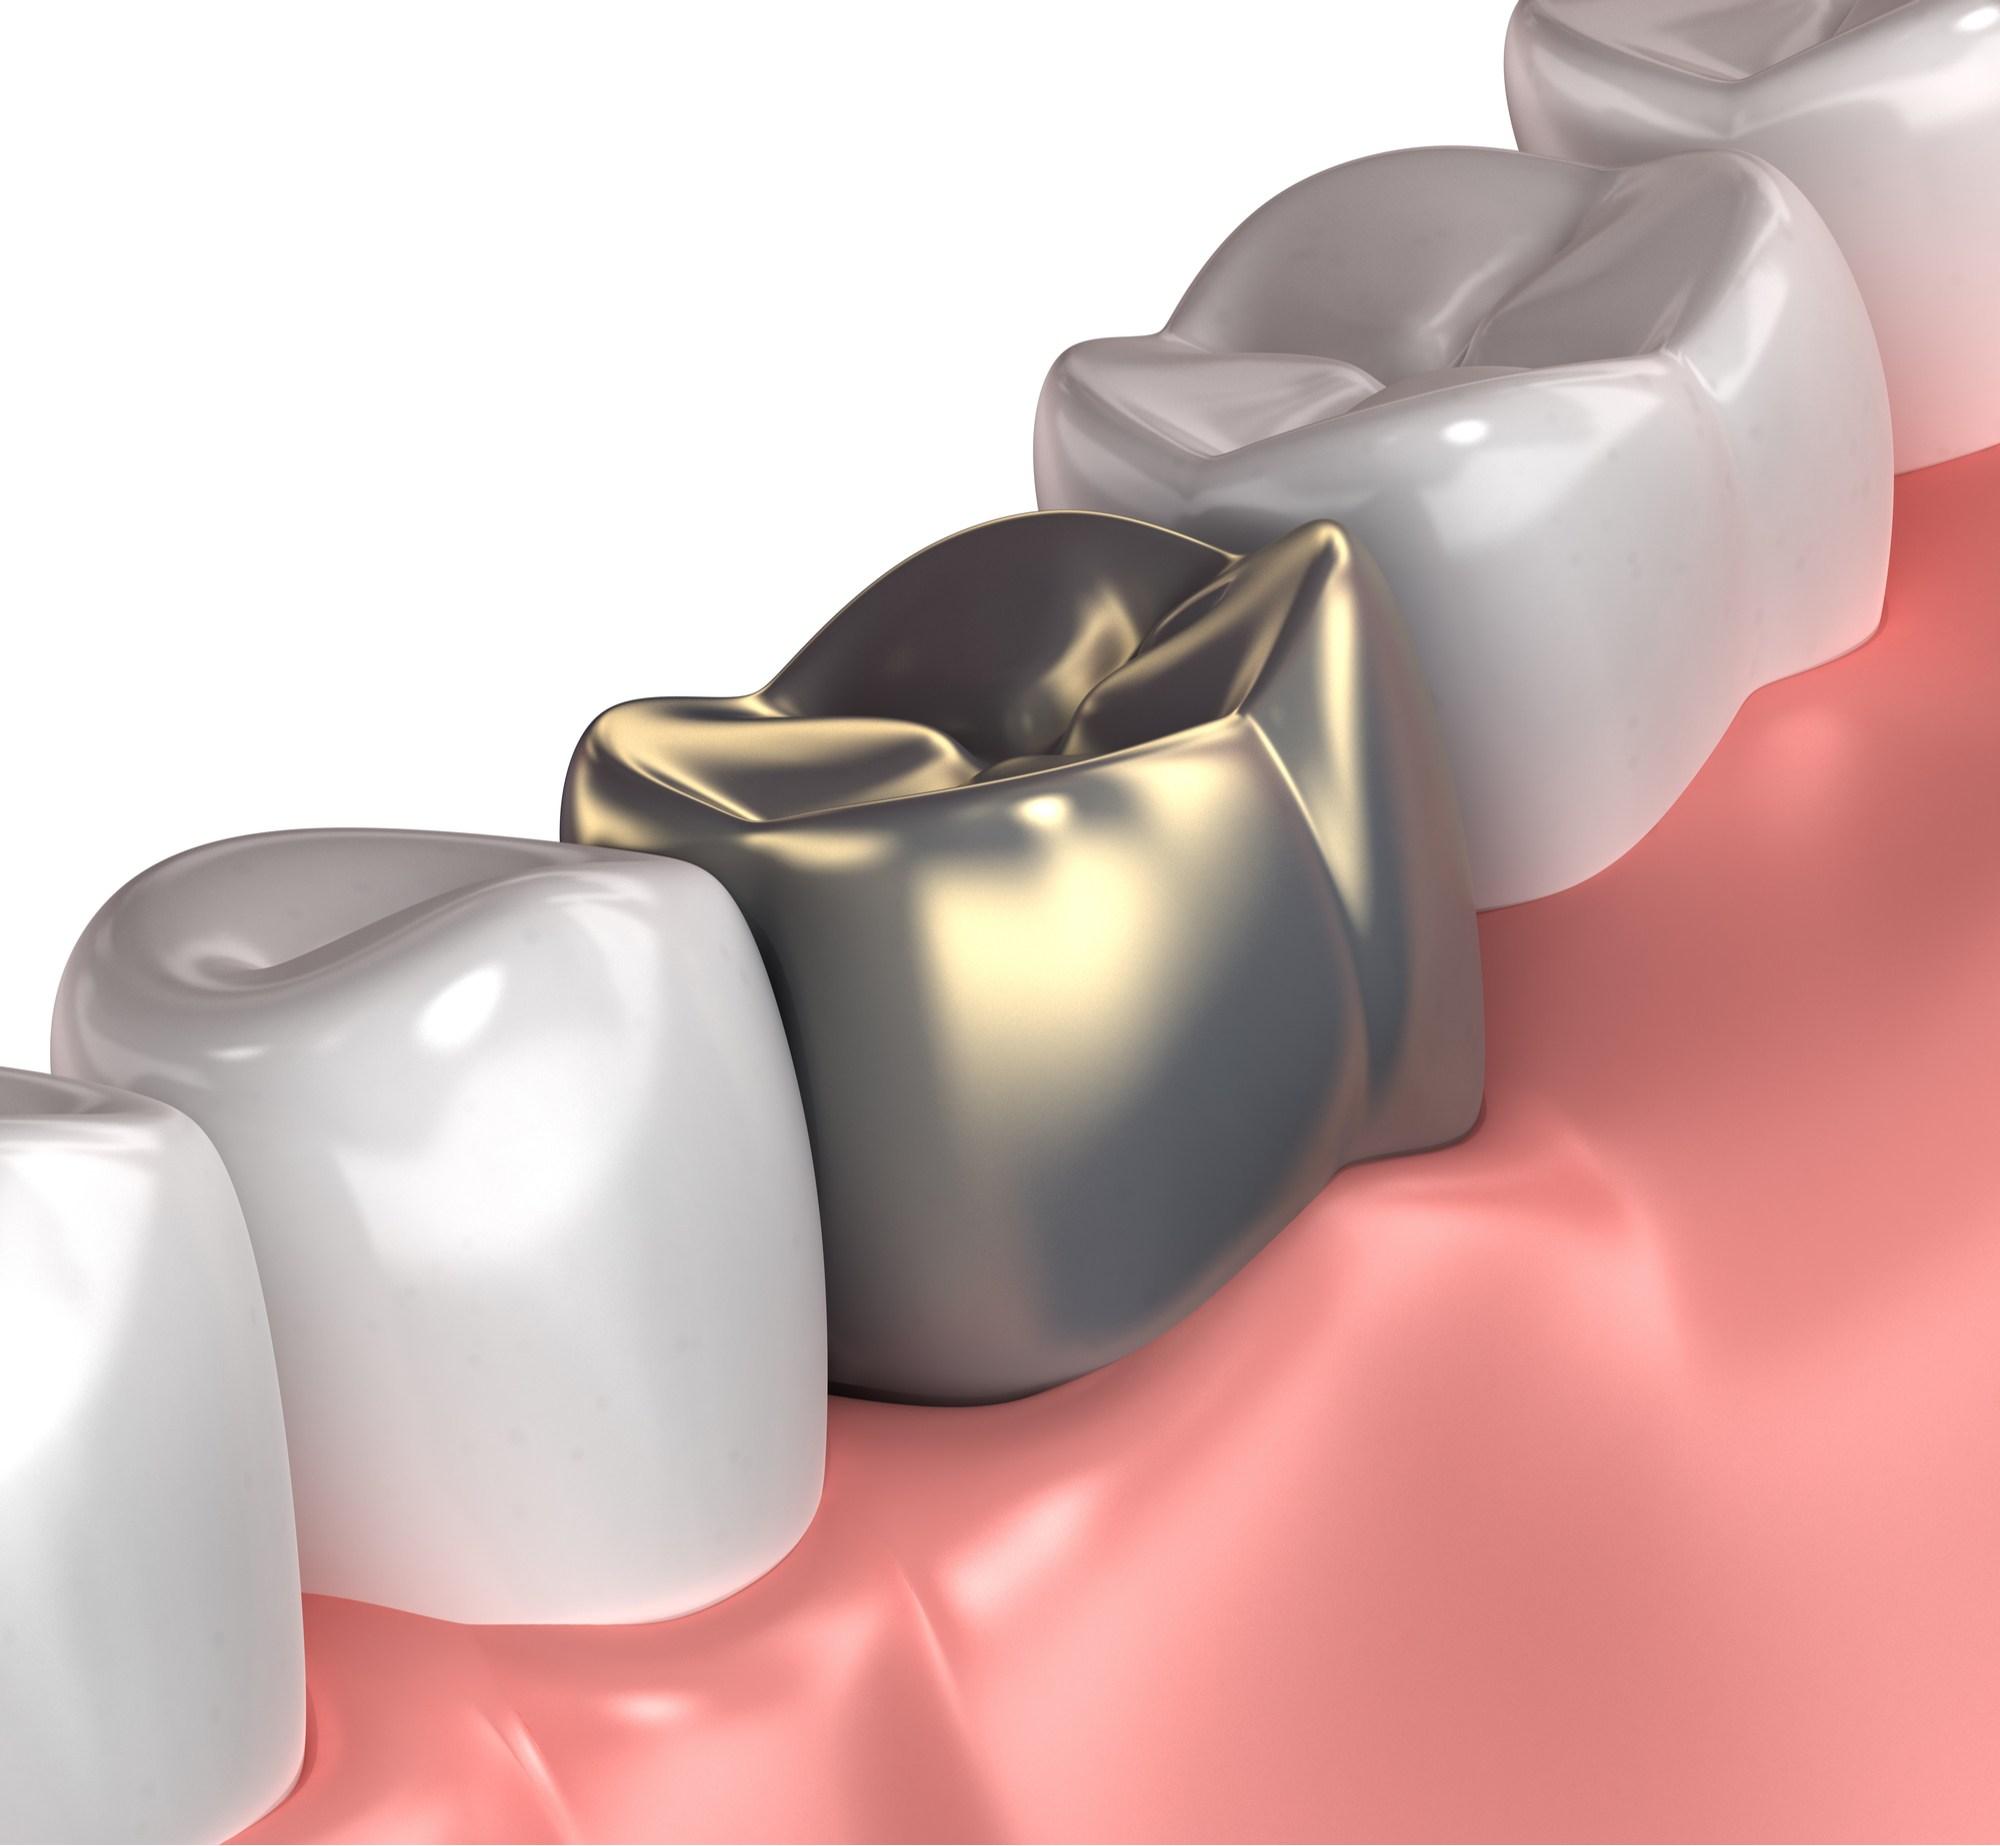 سلبيات عدسات الاسنان